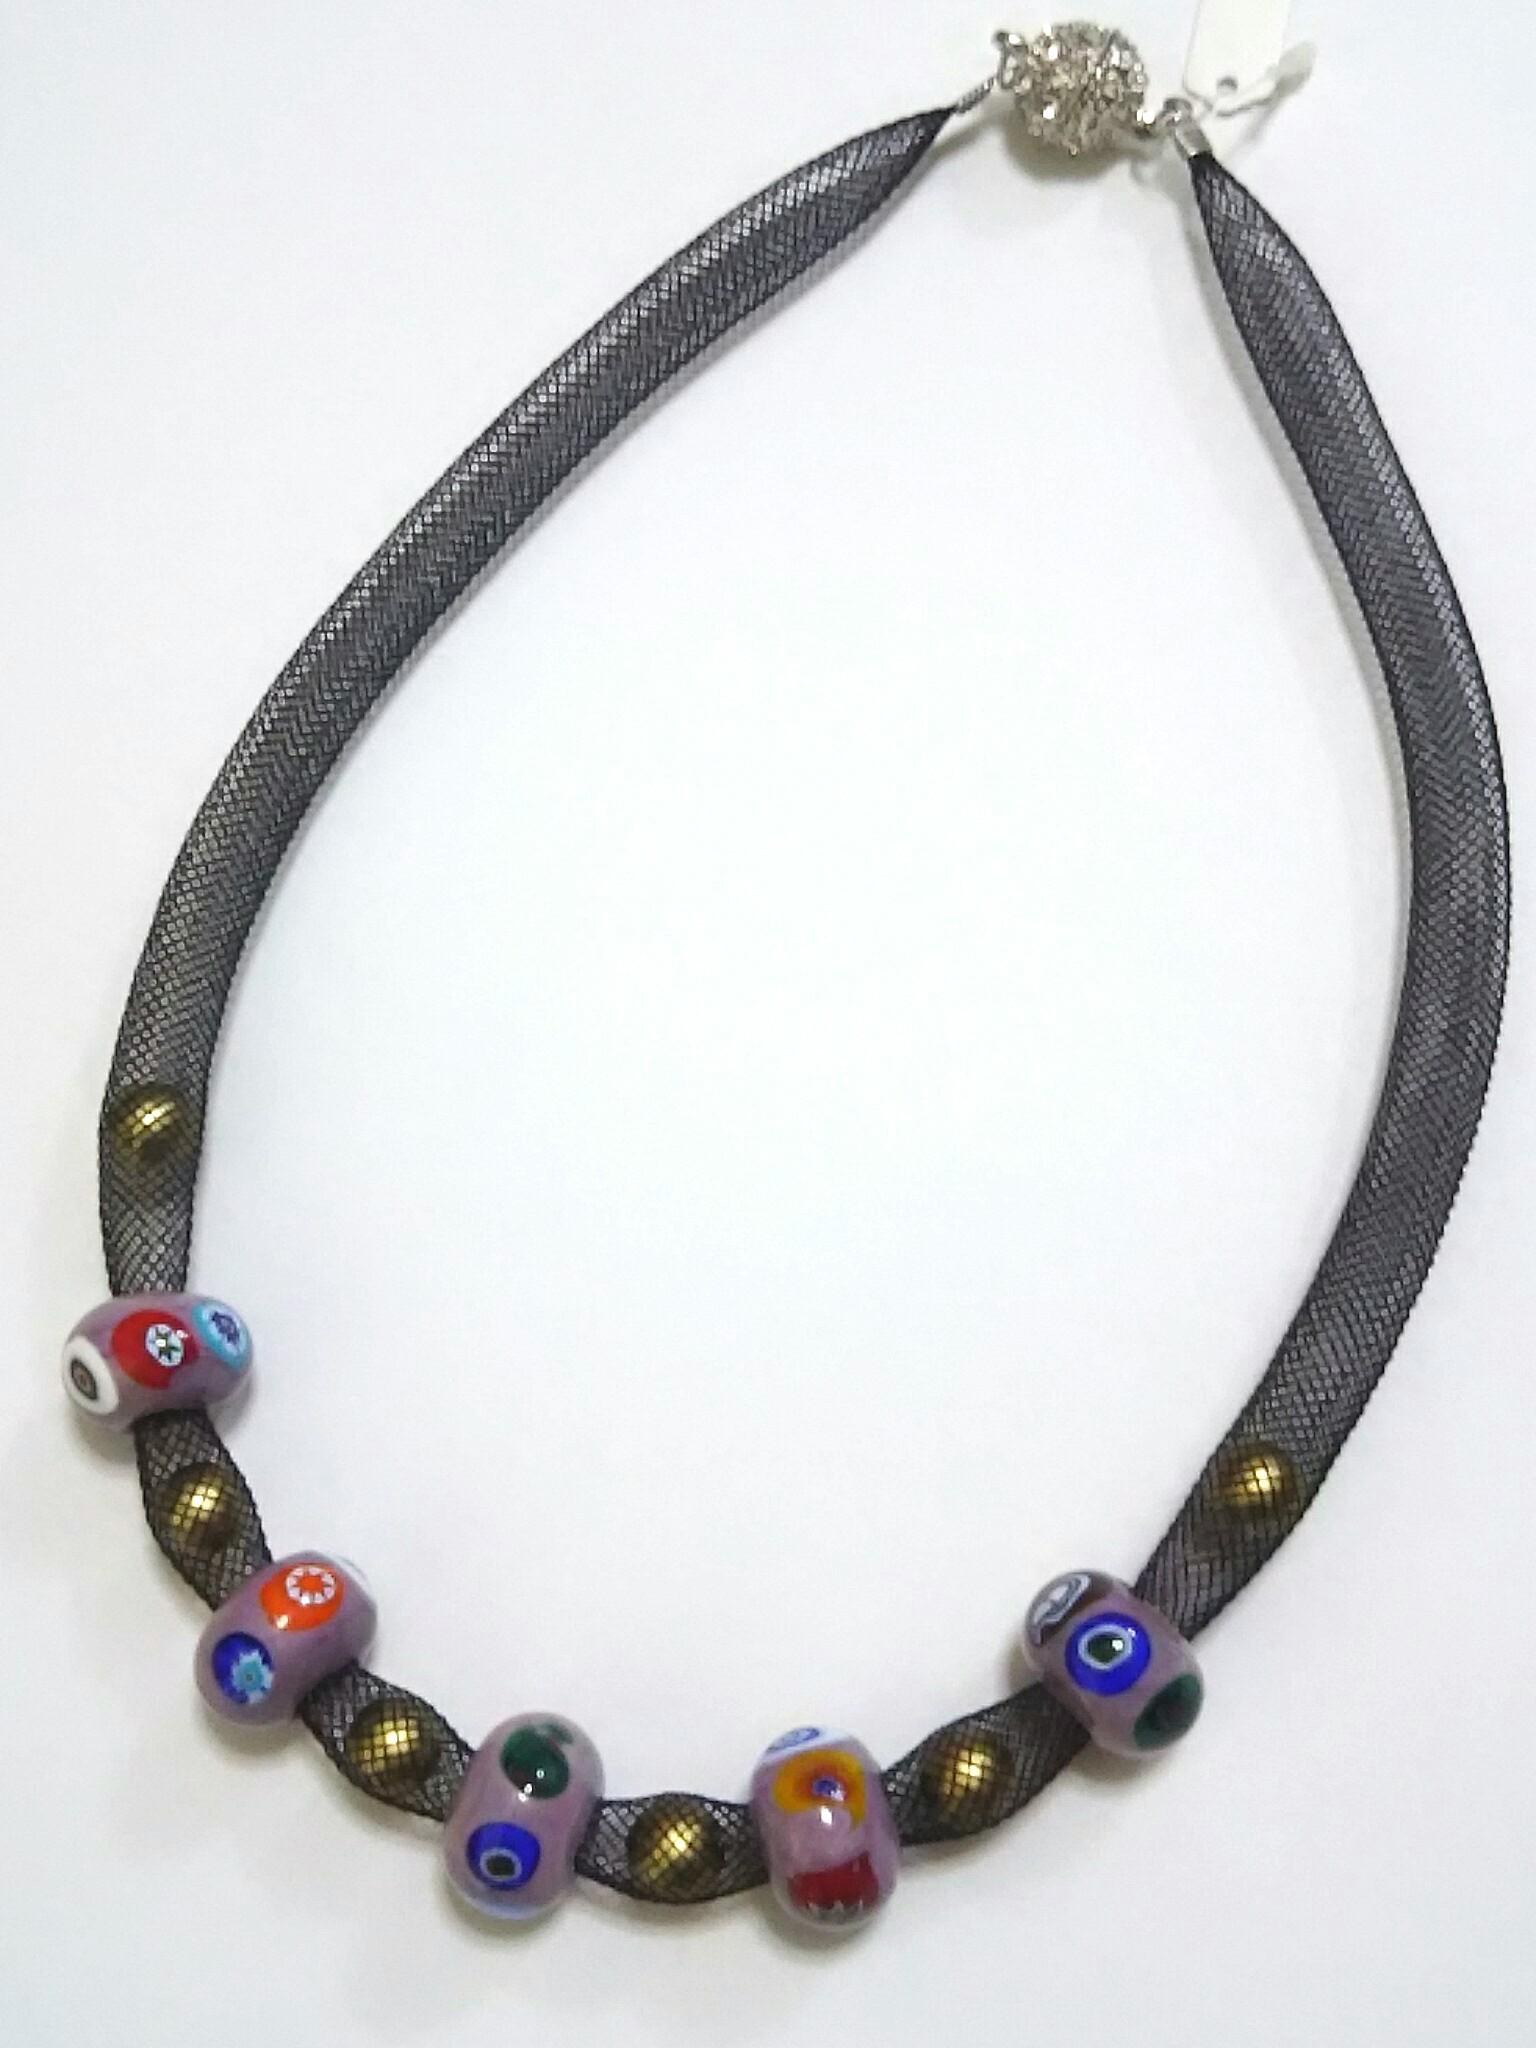 ムリーナのレジルネット ネックレス